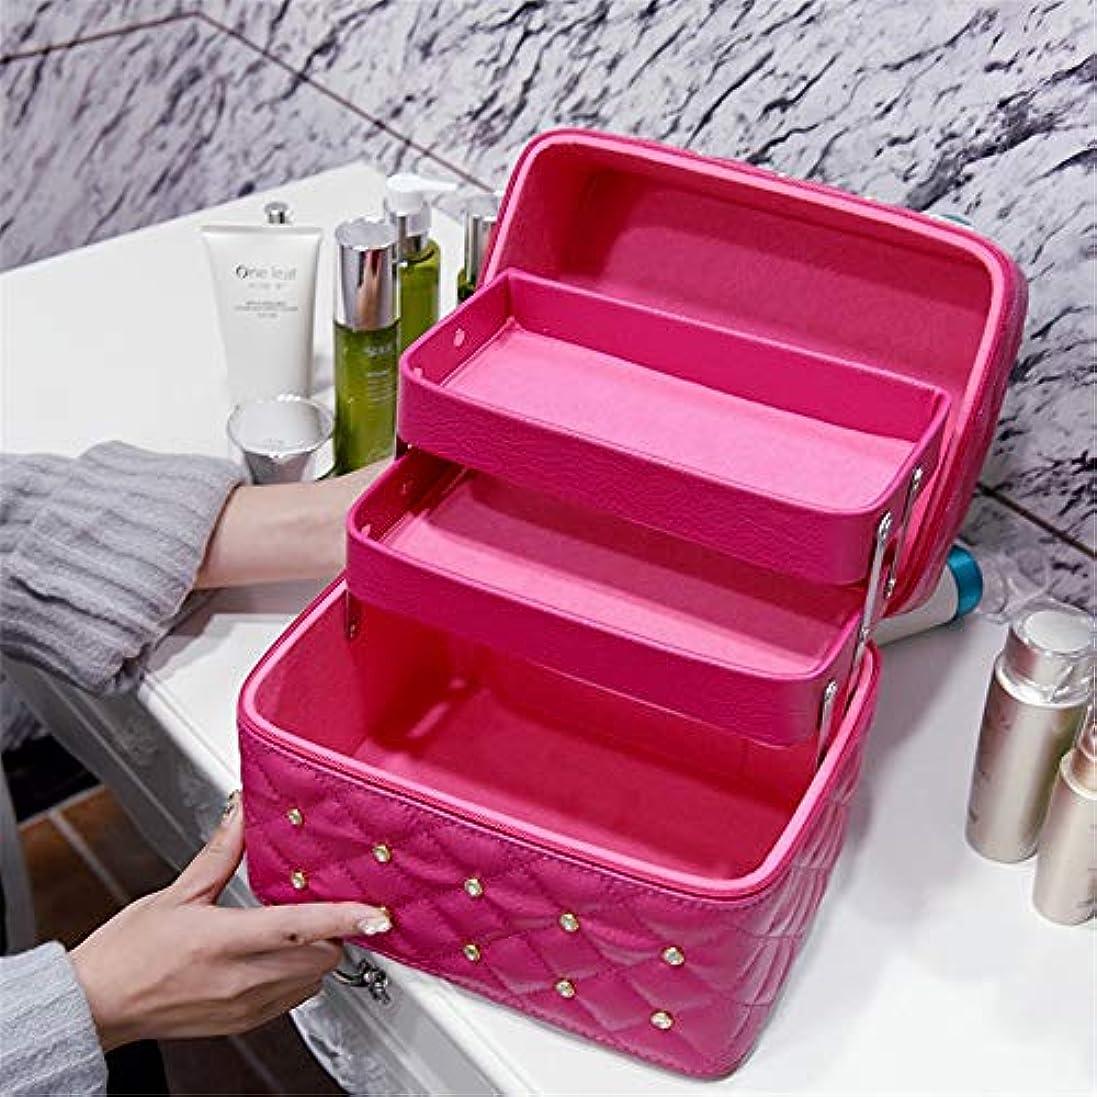 純正壁紙大砲特大スペース収納ビューティーボックス 美の構造のためそしてジッパーおよび折る皿が付いている女の子の女性旅行そして毎日の貯蔵のための高容量の携帯用化粧品袋 化粧品化粧台